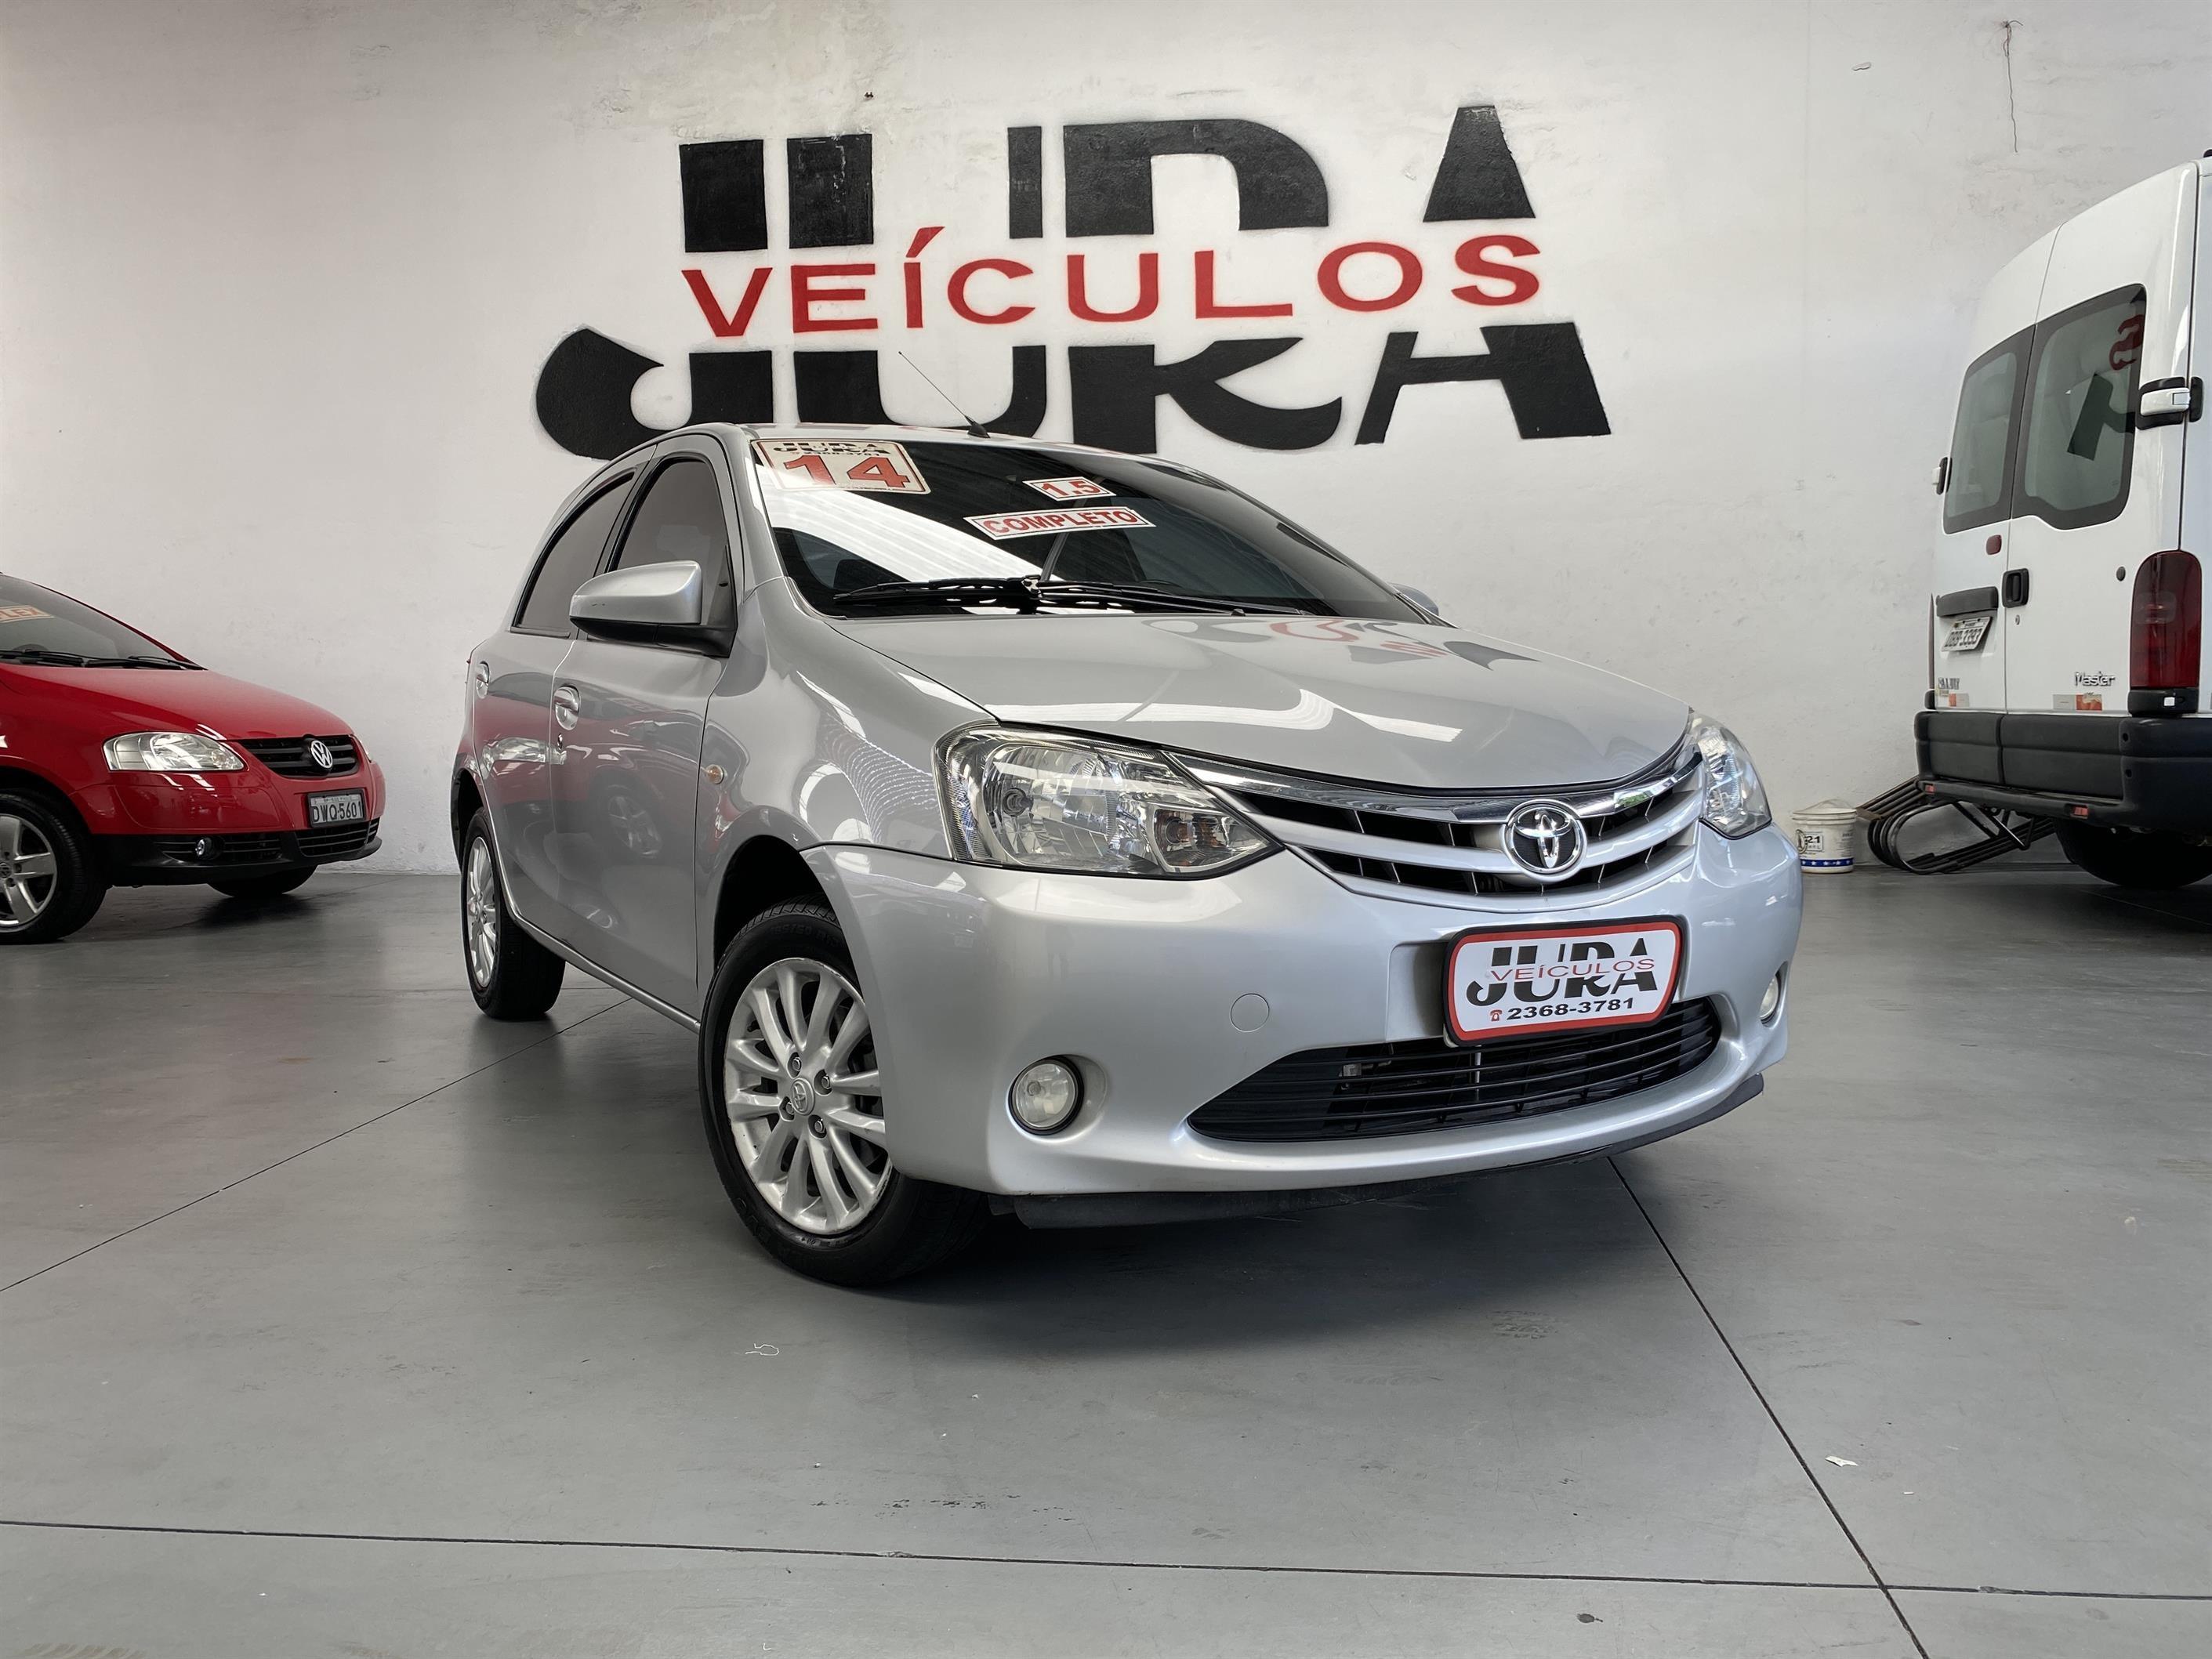 //www.autoline.com.br/carro/toyota/etios-15-xls-16v-flex-4p-manual/2014/sao-paulo-sp/13593957